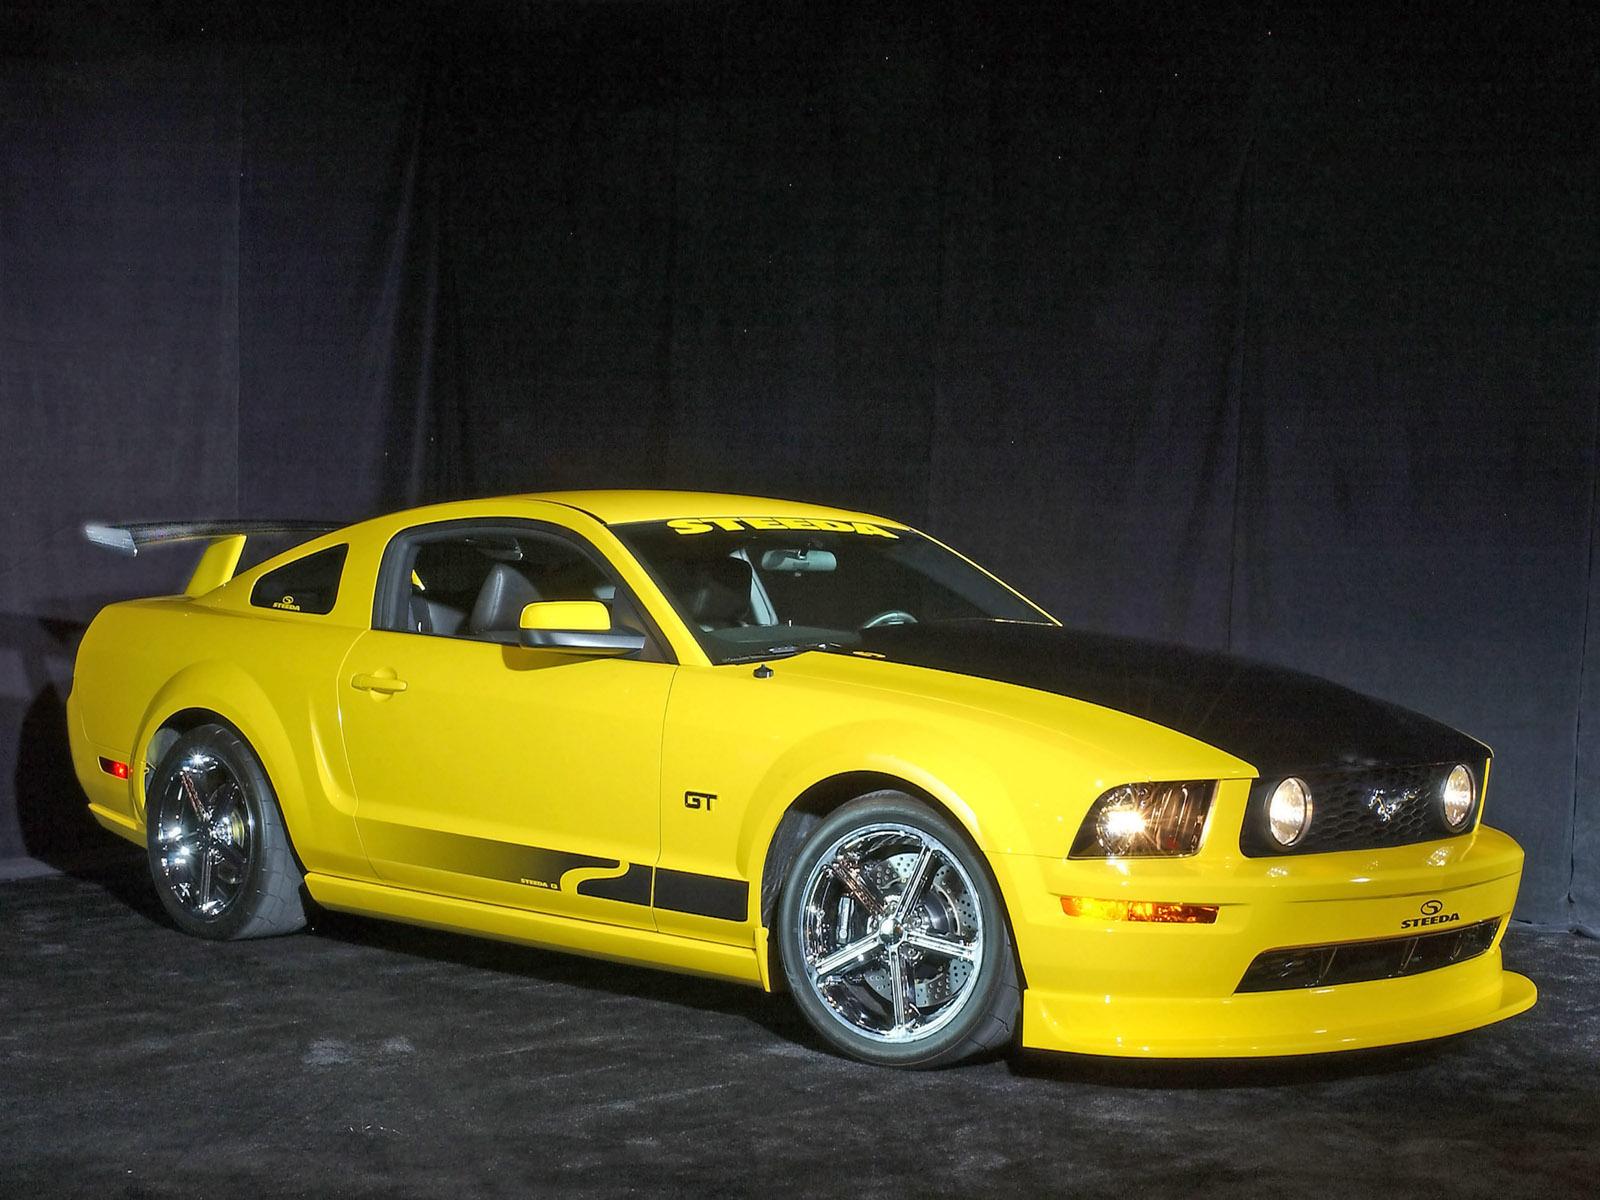 Масштабные коллекционные модели автомобилей 1:43, 1:18 и 1:72.